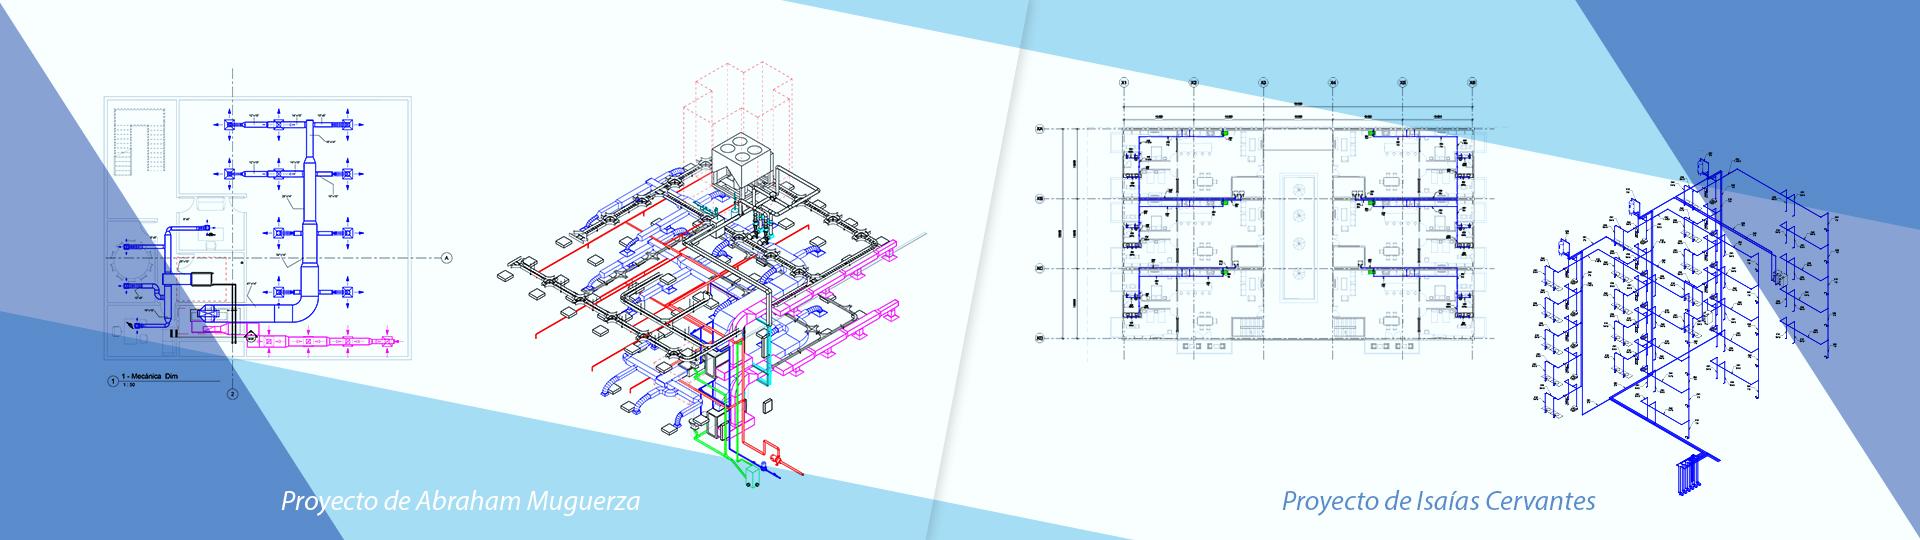 proyectos-alumnos-home-master-calculo-instalaciones-bim-editeca